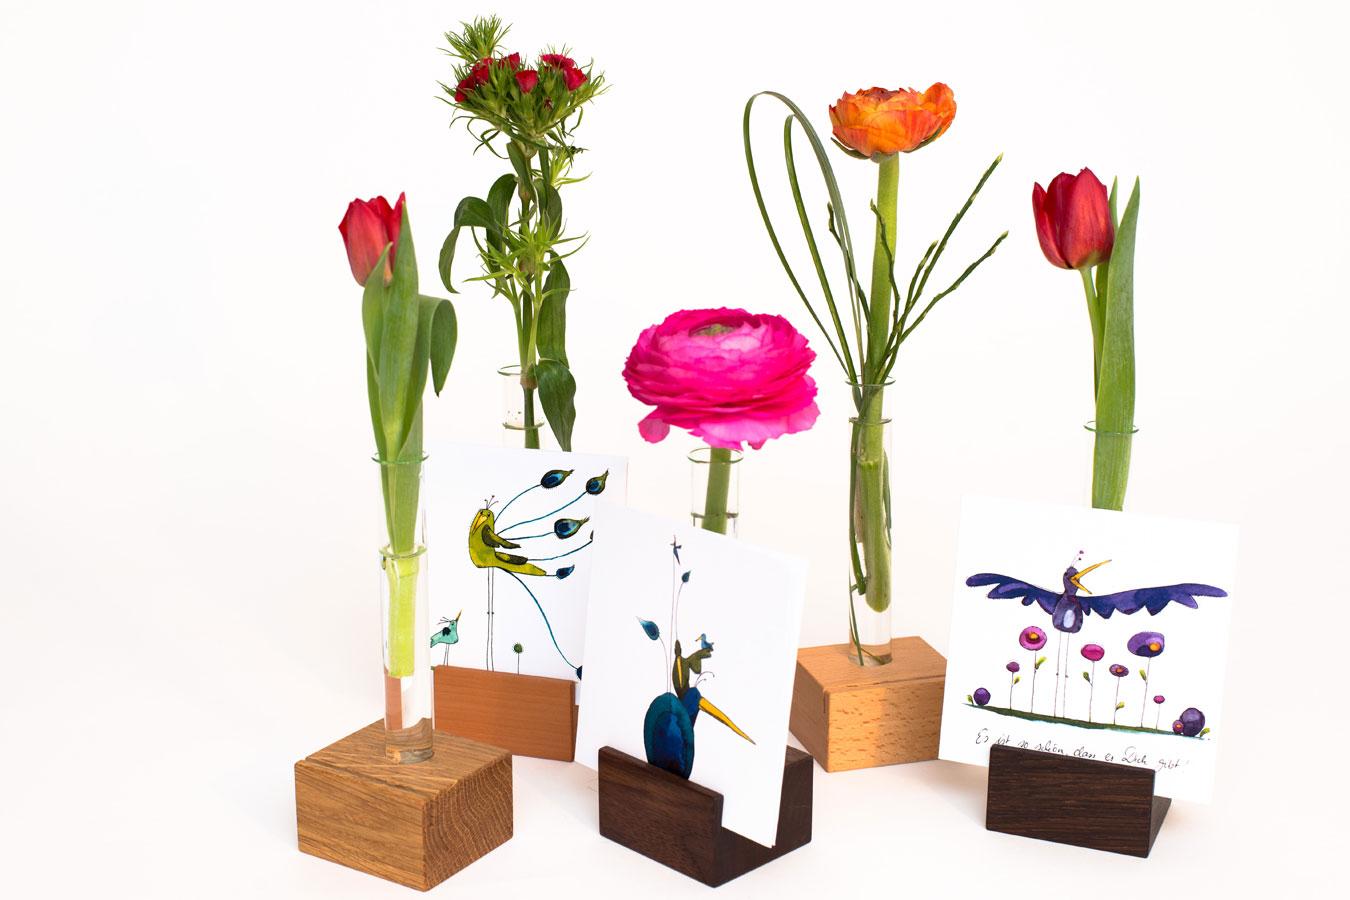 holzklotz und reagenzglas magazin klotzaufklotz exzellente holzprodukte. Black Bedroom Furniture Sets. Home Design Ideas